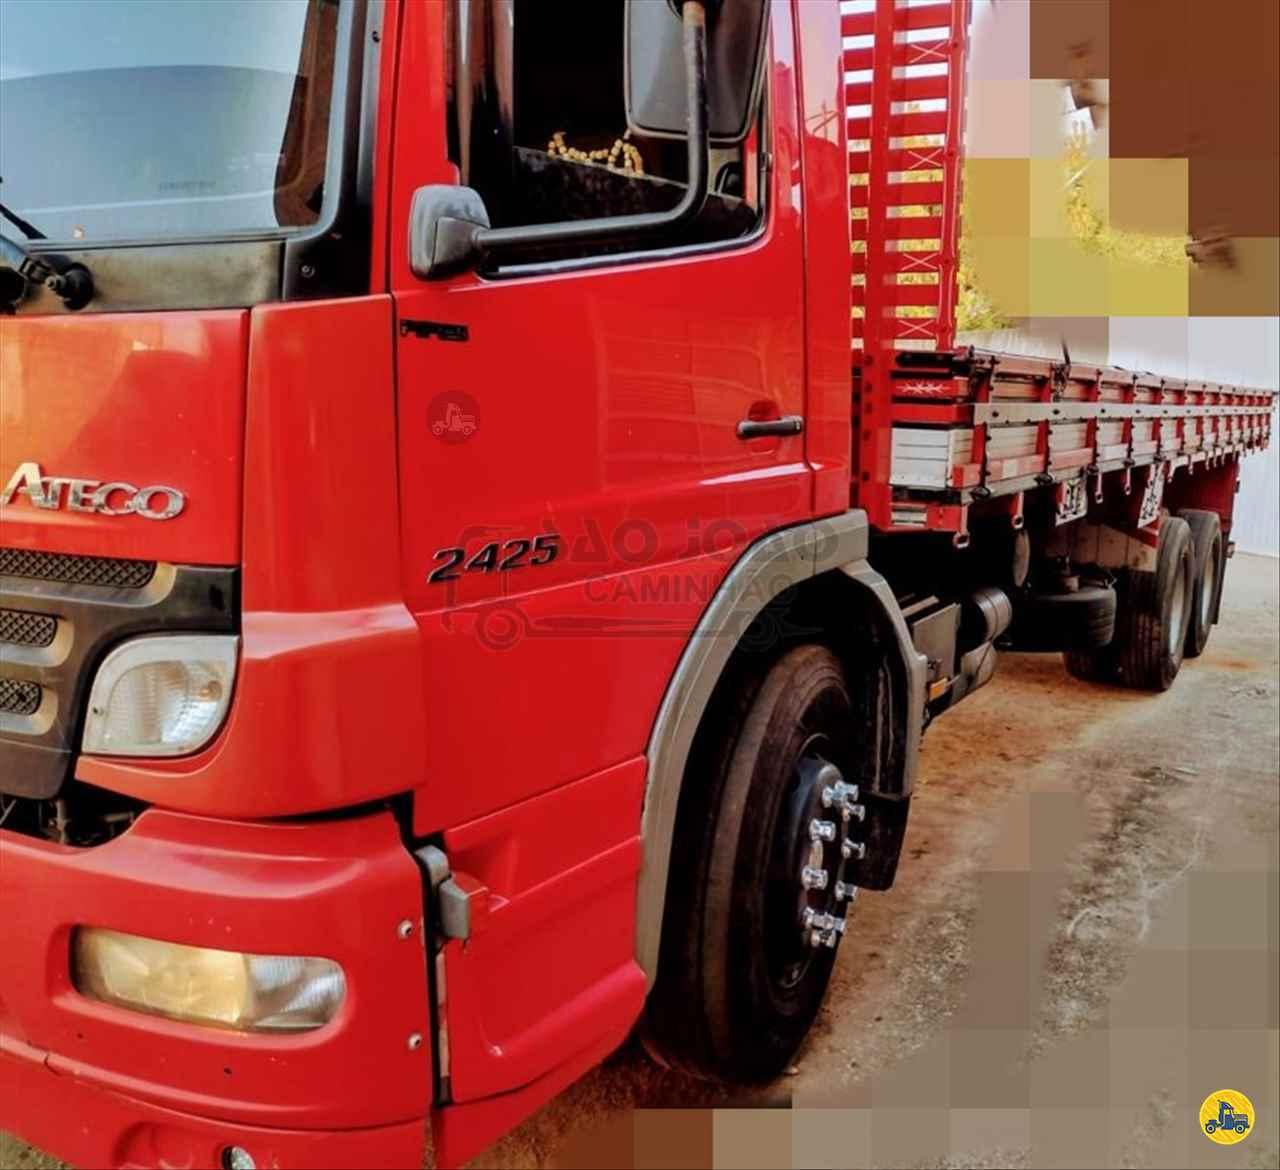 MB 2425 de São João Caminhão - SAO JOAO DA BOA VISTA/SP